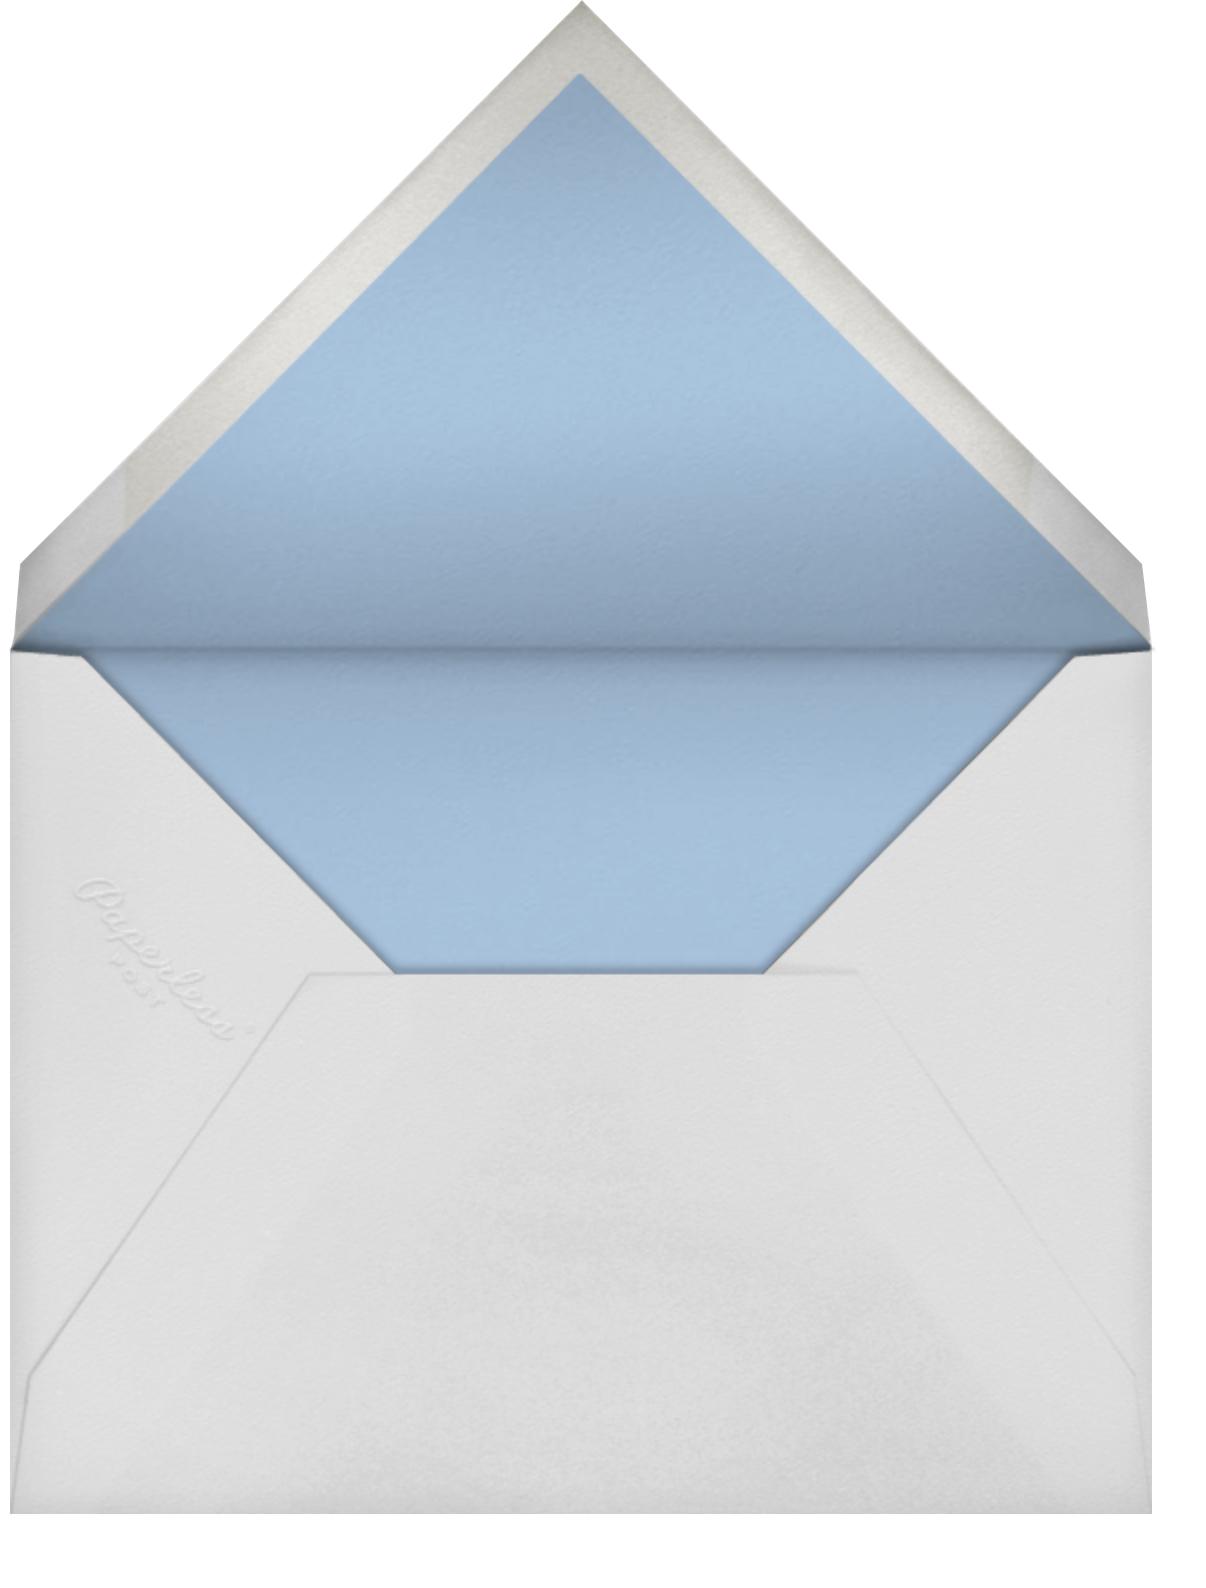 Mod Clover - Spring Rain/Pavlova - kate spade new york - General entertaining - envelope back